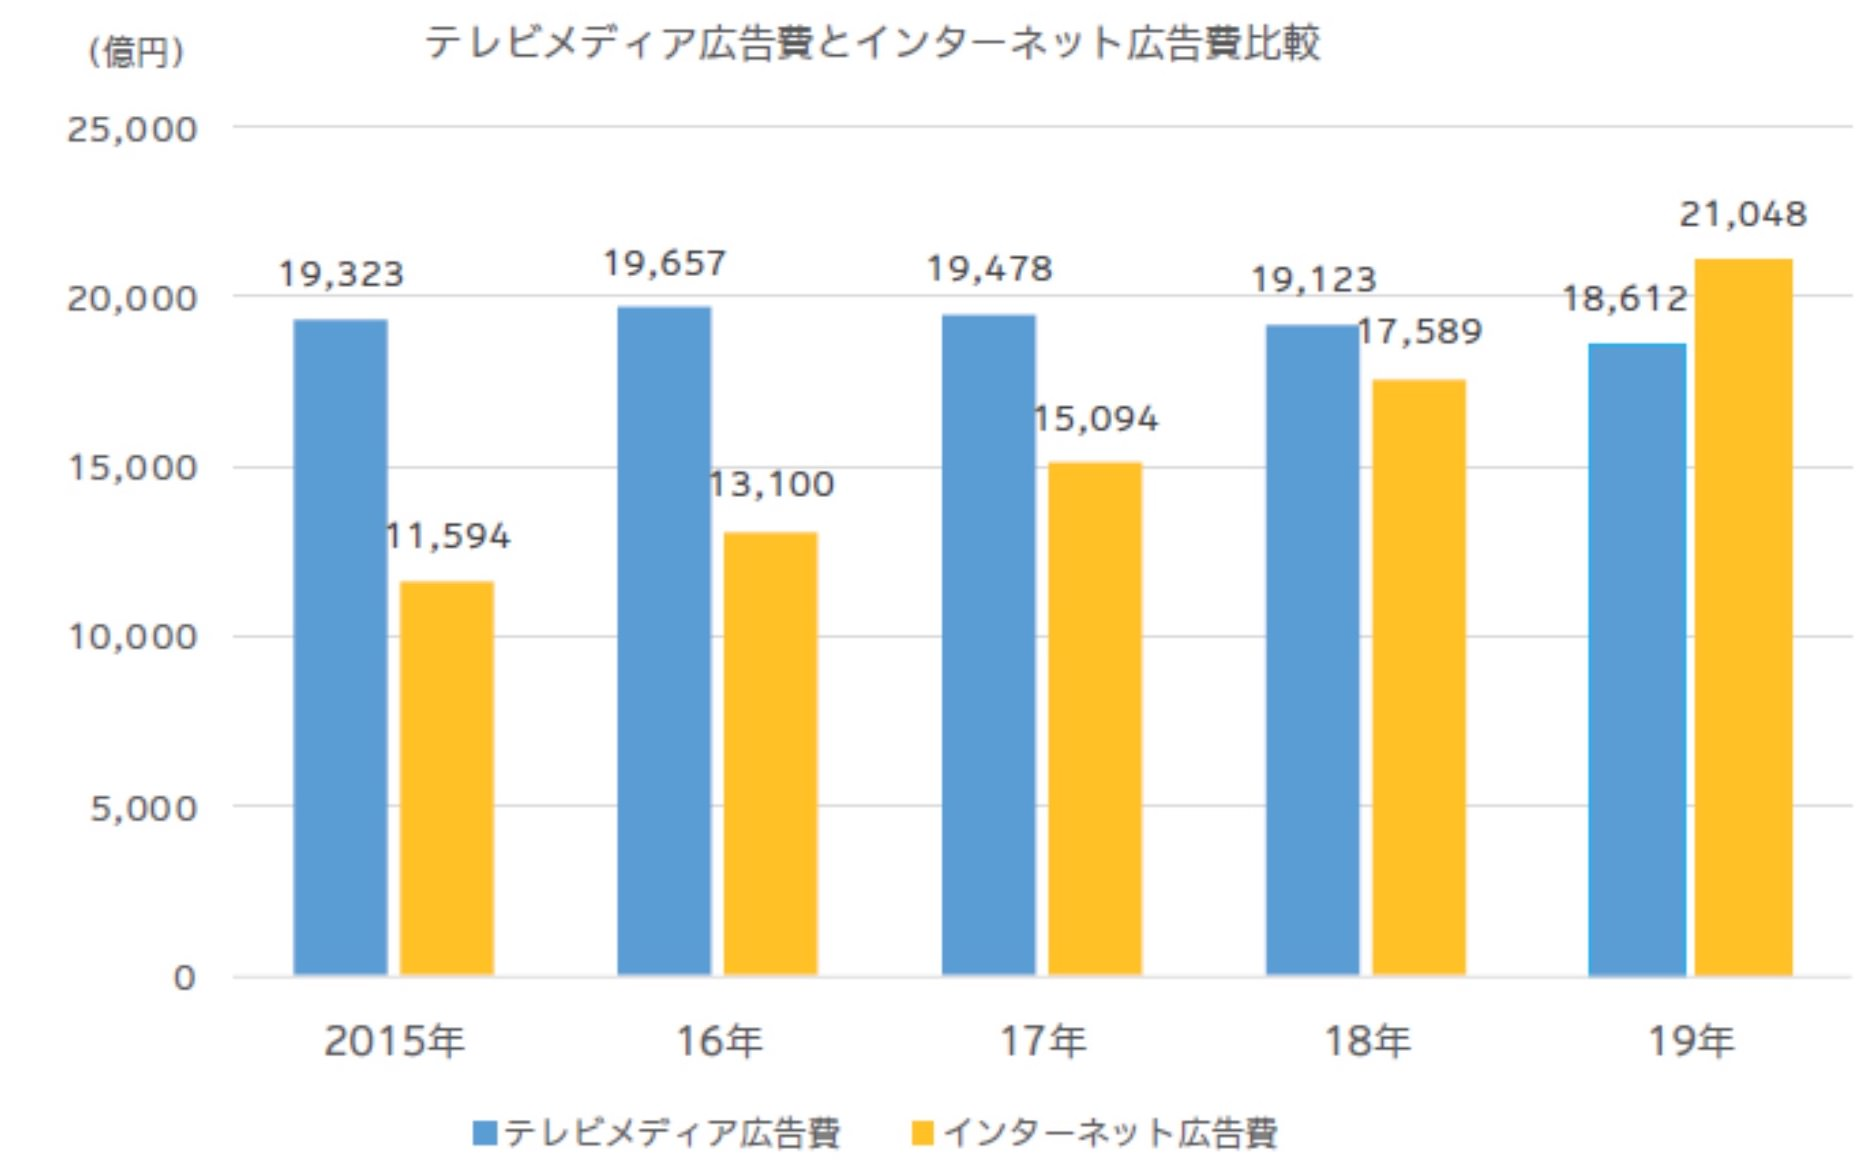 テレビメディア広告費とインターネット広告費